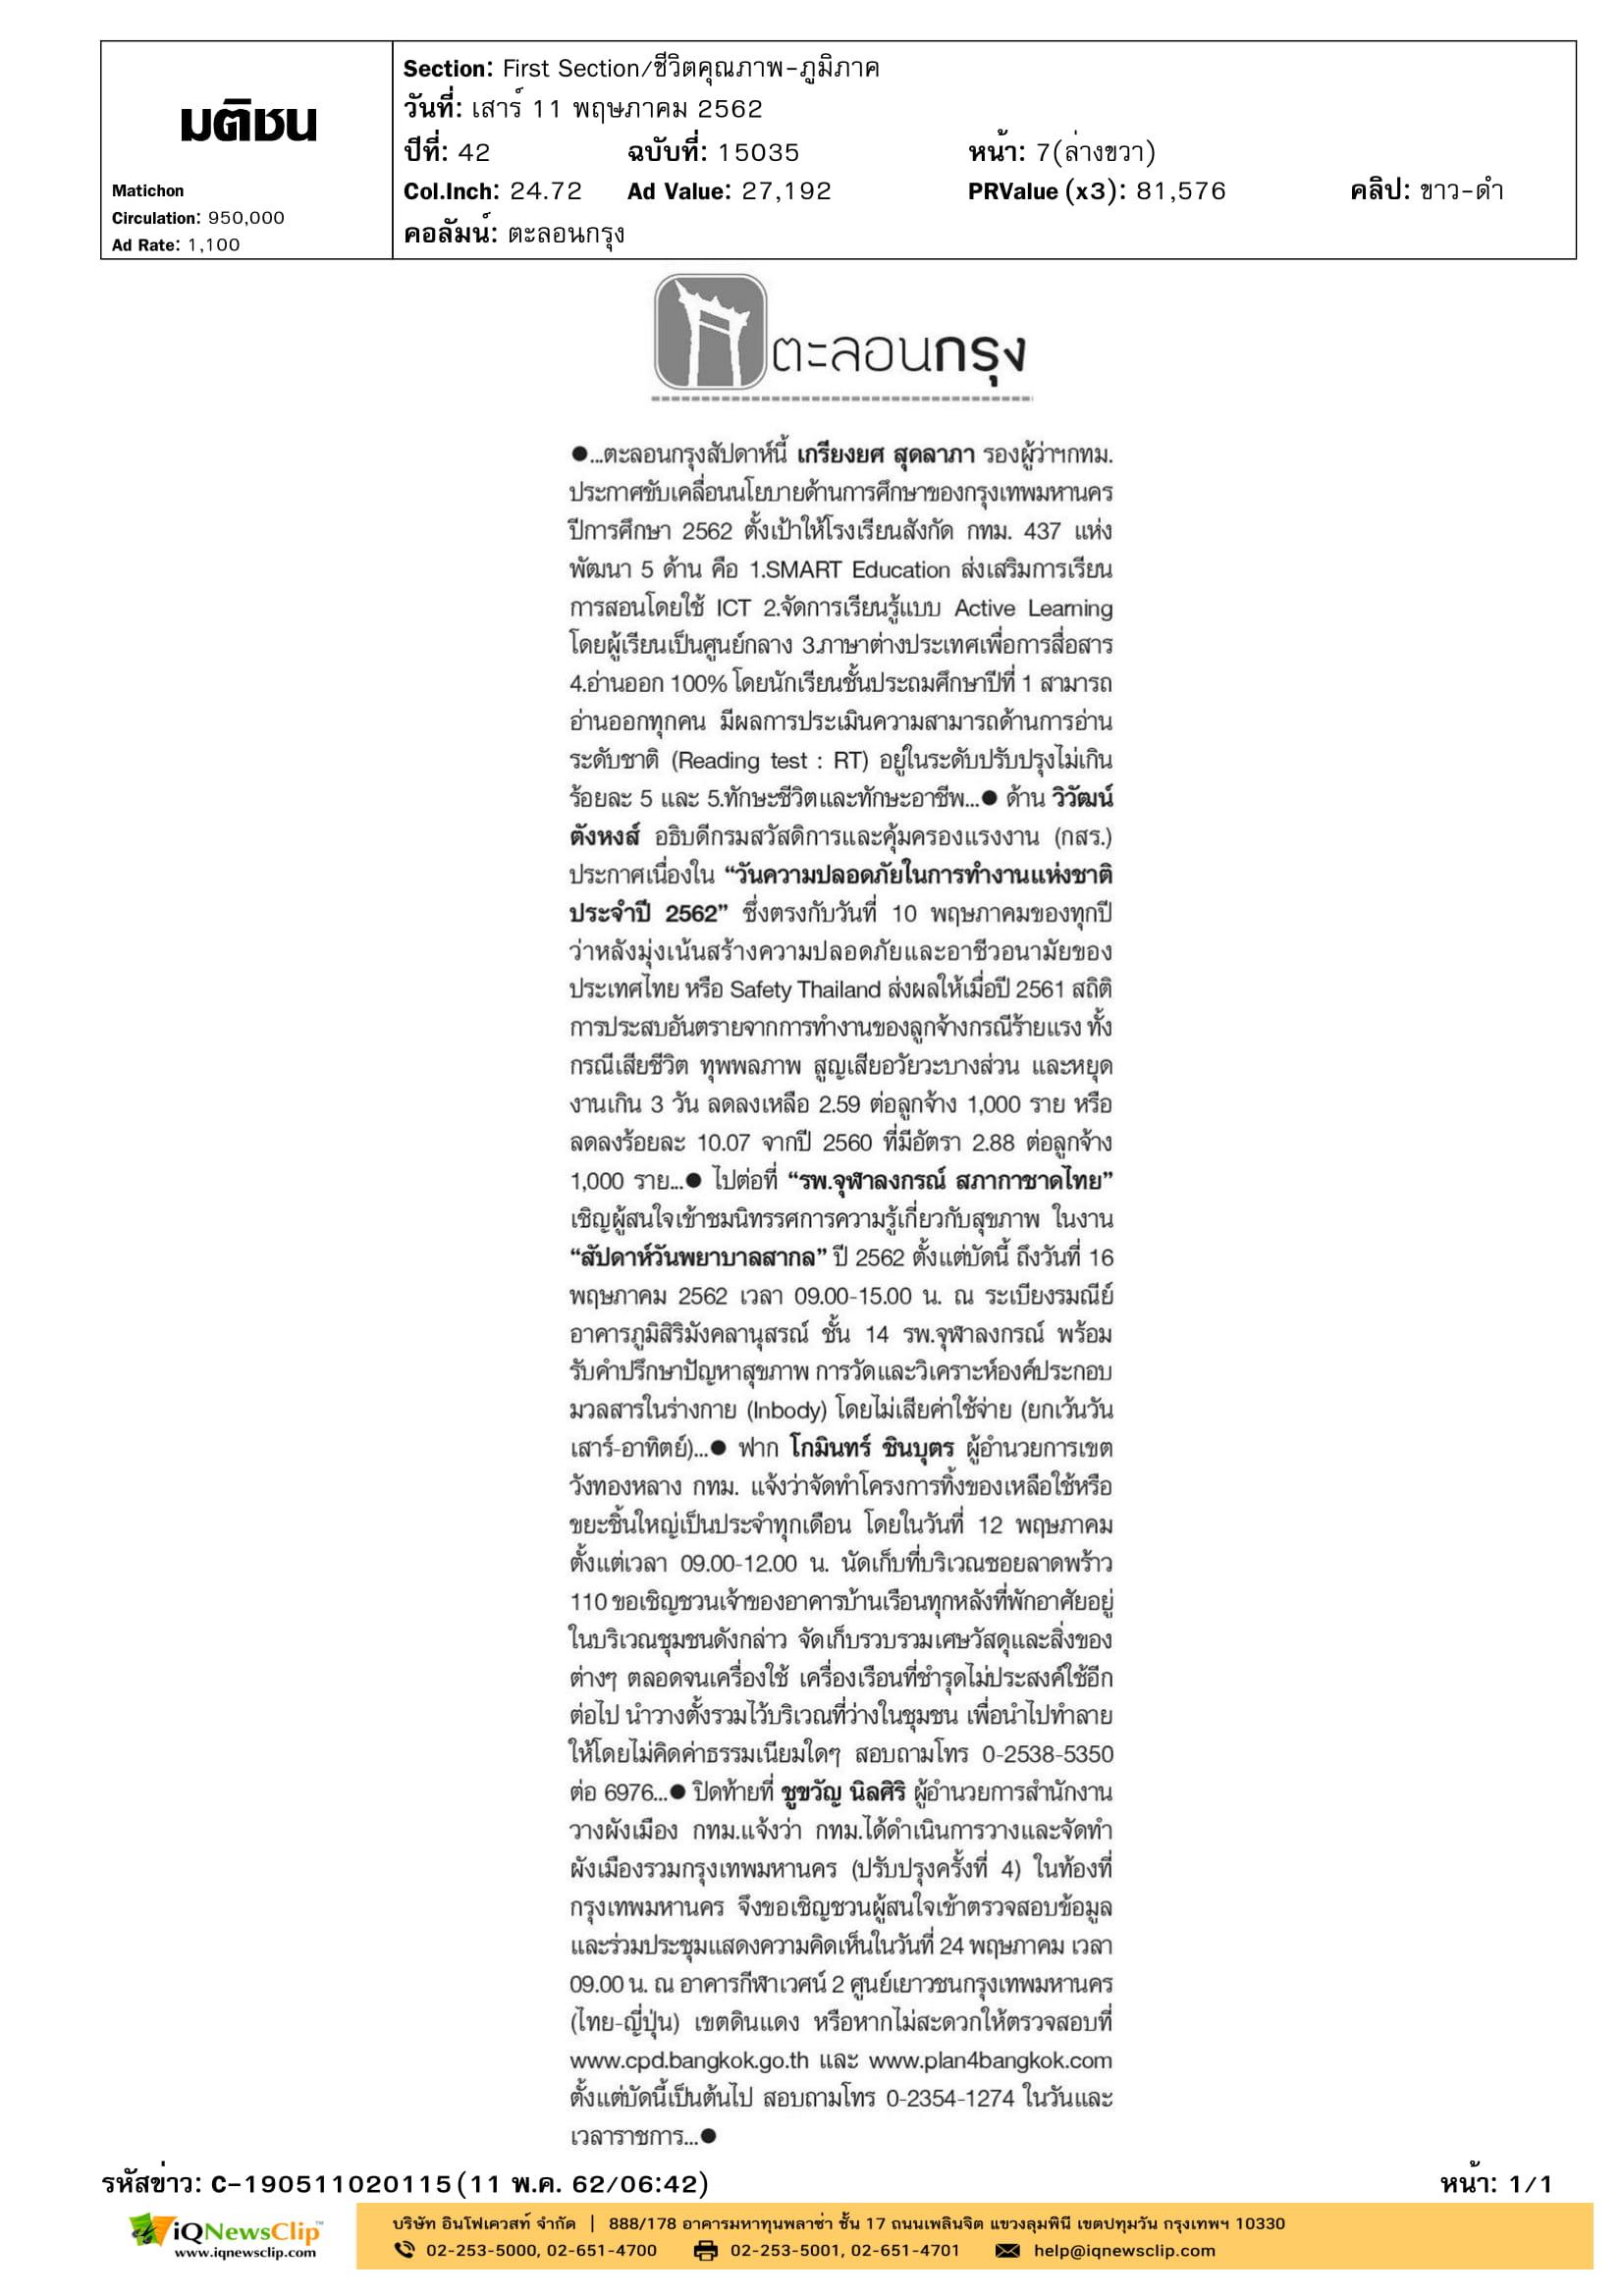 """รพ.จุฬาฯ เชิญชมนิทรรศการความรู้เกี่ยวกับสุขภาพ ในงาน""""สัปดาห์วันพยาบาลสากล"""" ปี 2562"""